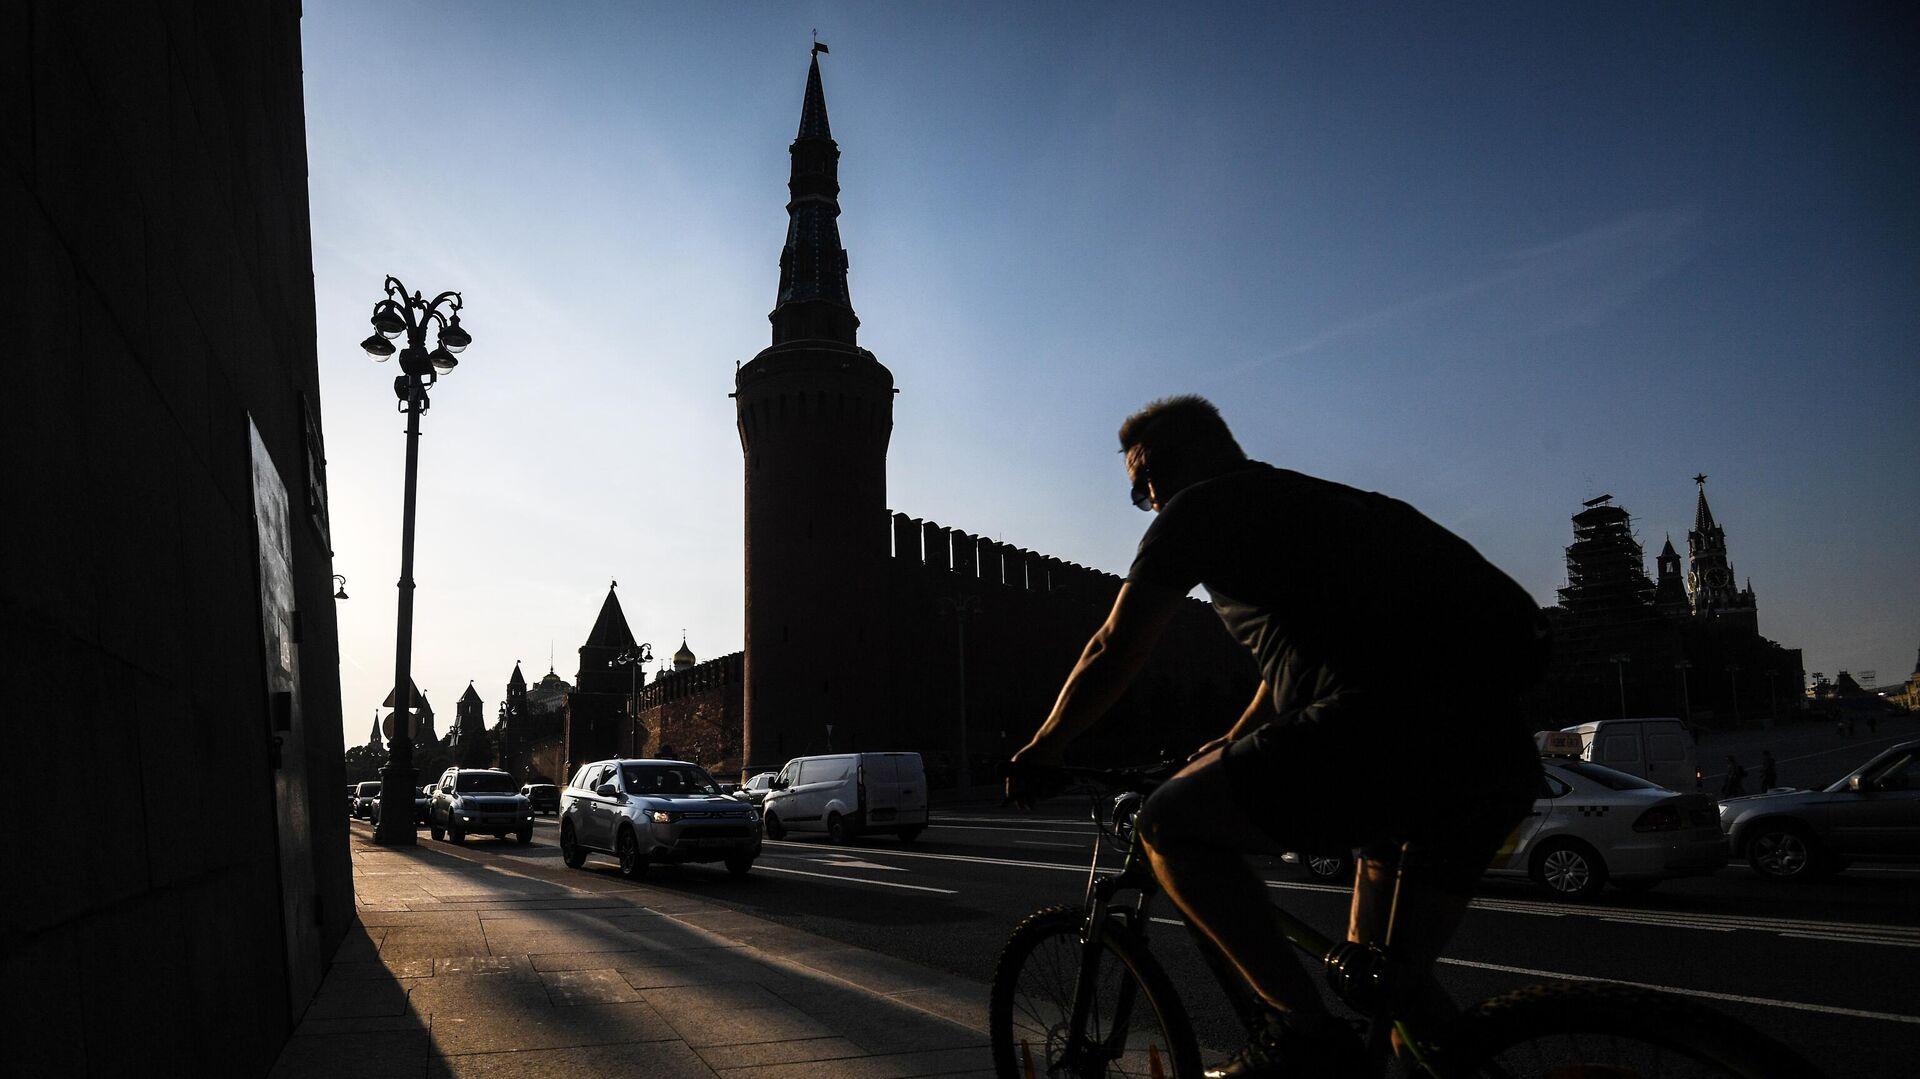 Велосипедист на фоне кремля в Москве - РИА Новости, 1920, 23.06.2021